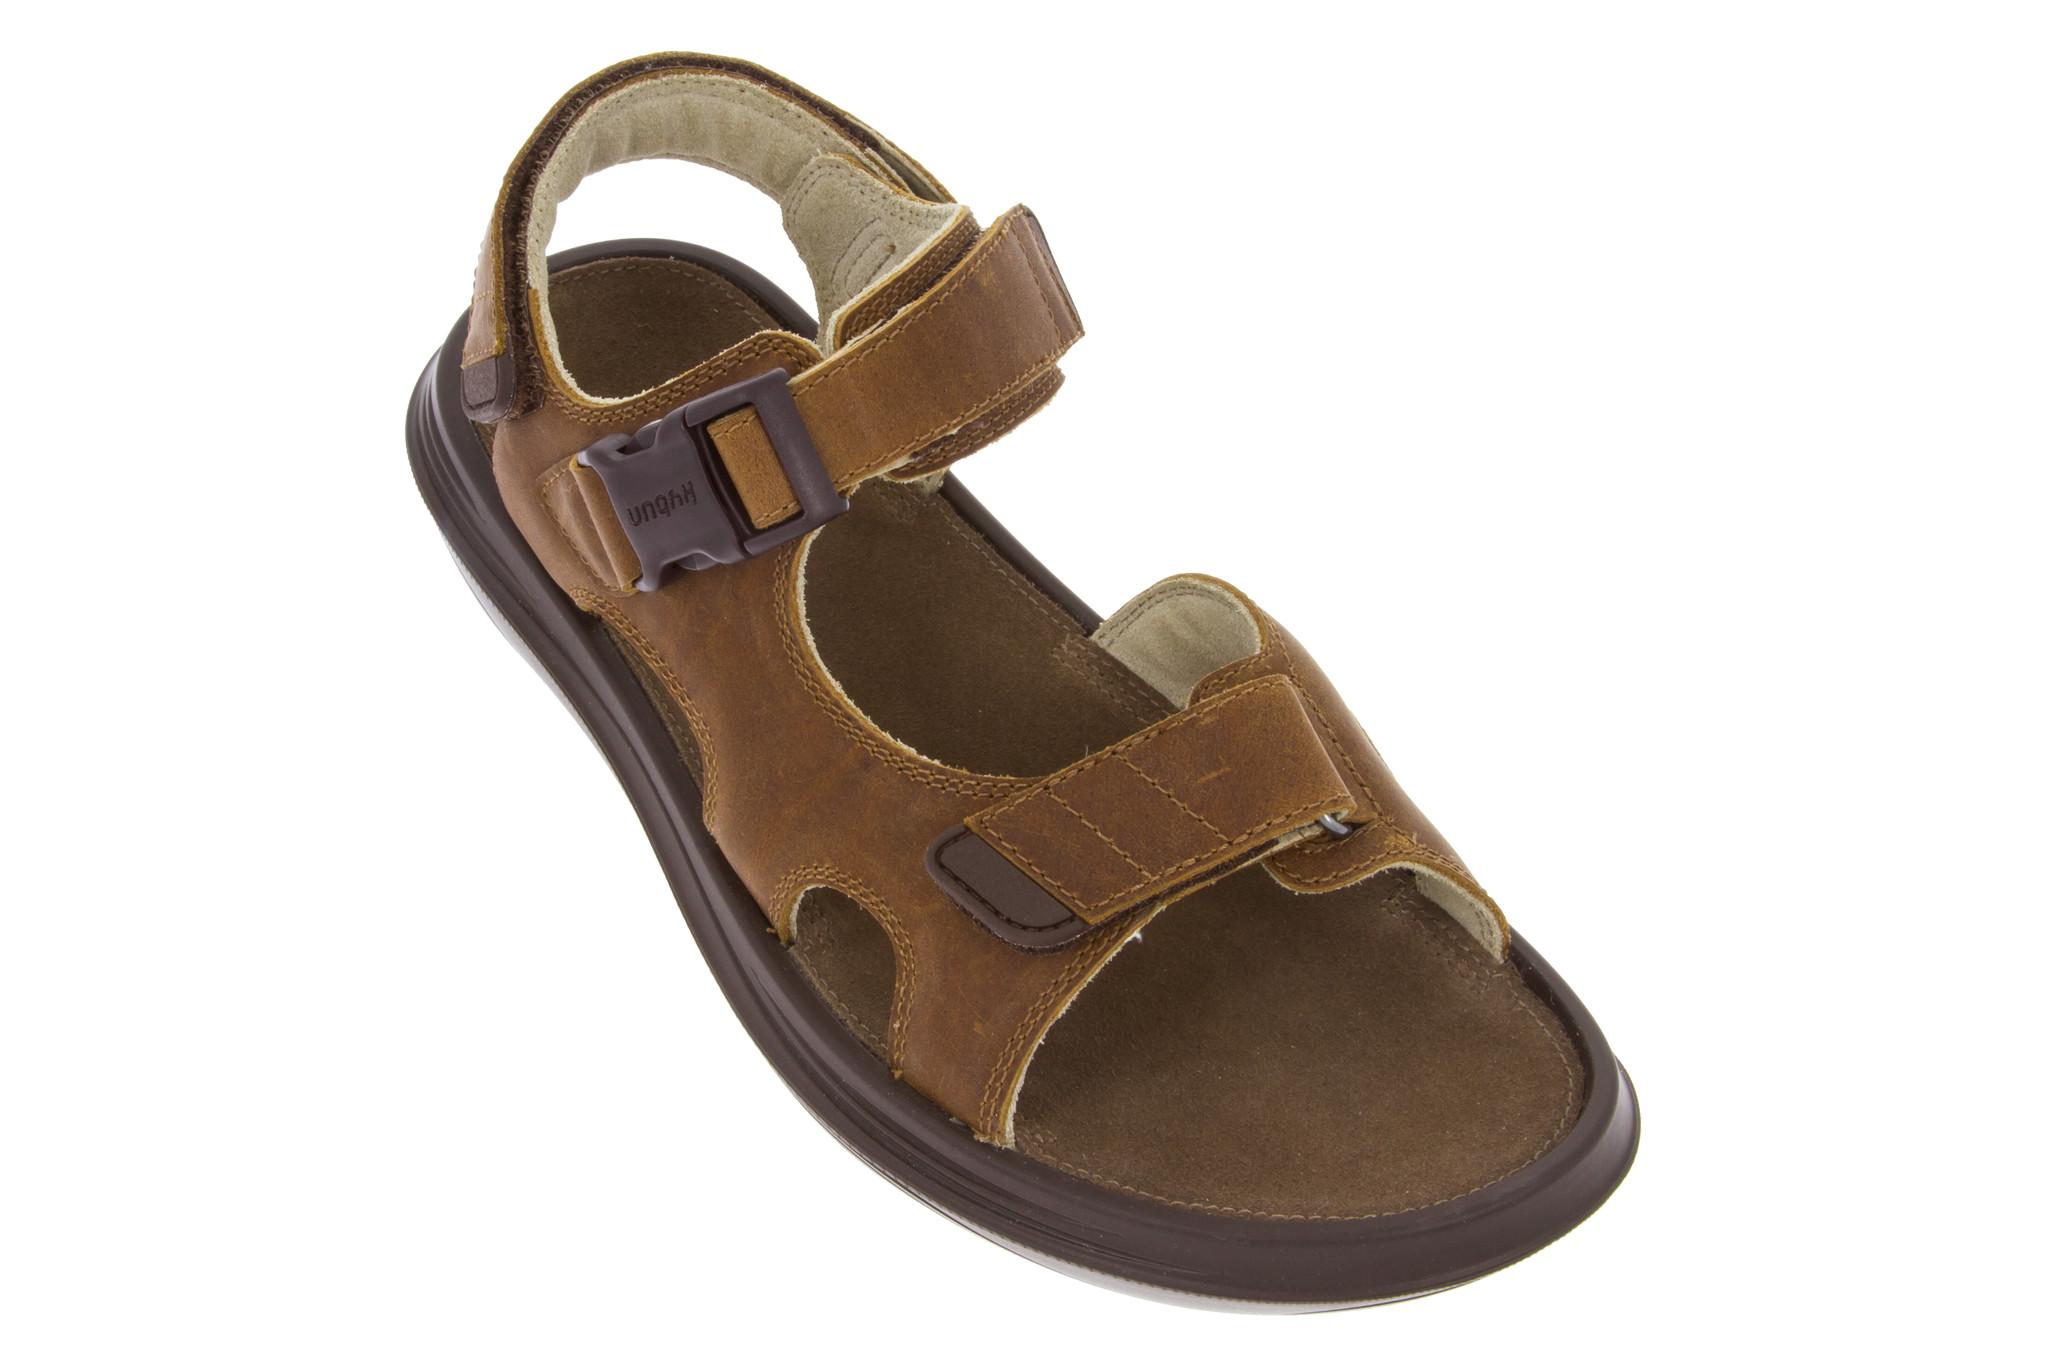 877d8f2d0d9d Pado Sandals M